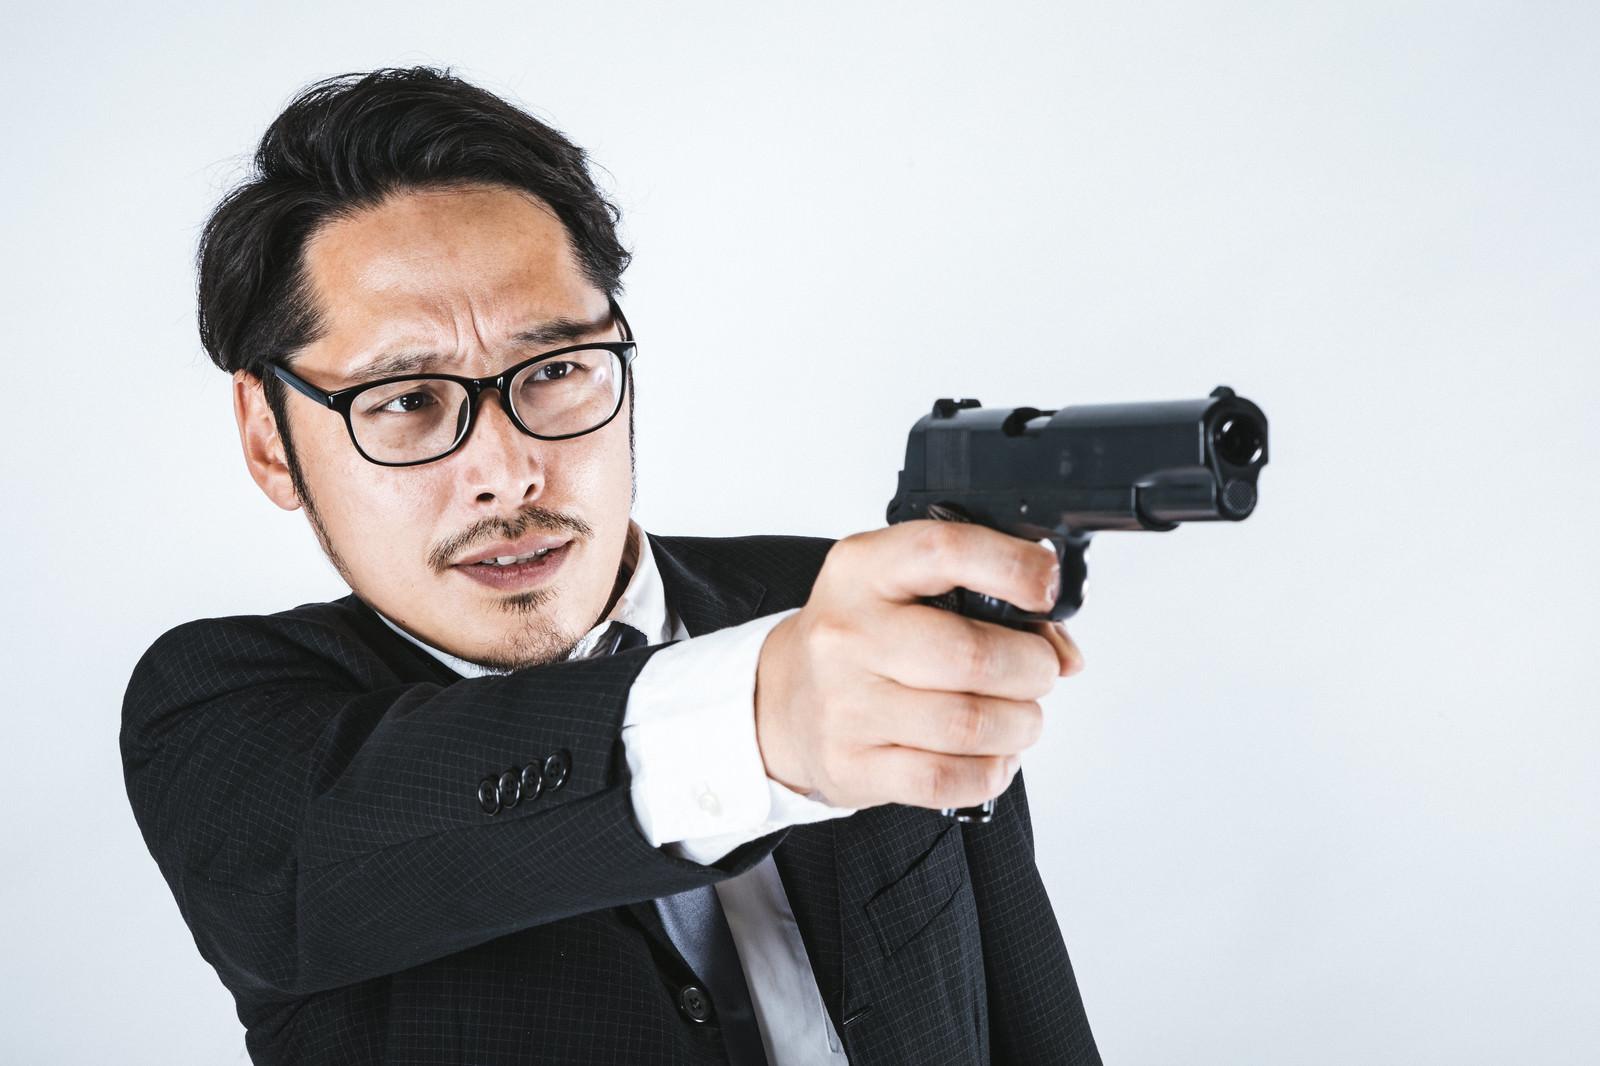 「ガン・フーアクション風に拳銃を構えるスーツ姿の男性ガン・フーアクション風に拳銃を構えるスーツ姿の男性」[モデル:ゆうせい]のフリー写真素材を拡大